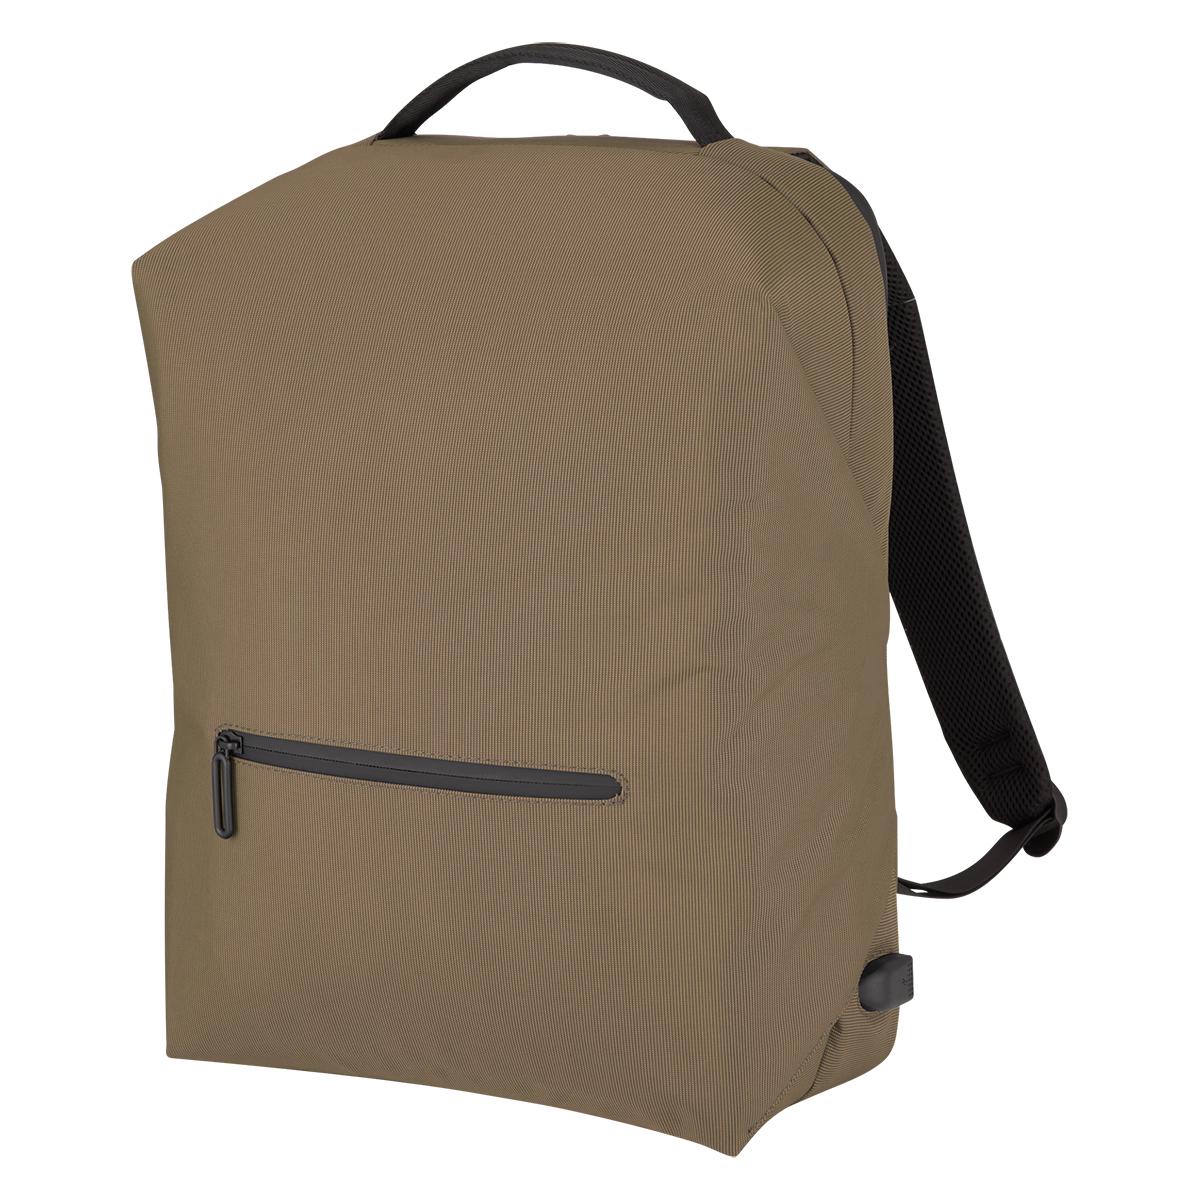 3400 - Backpack Streamline